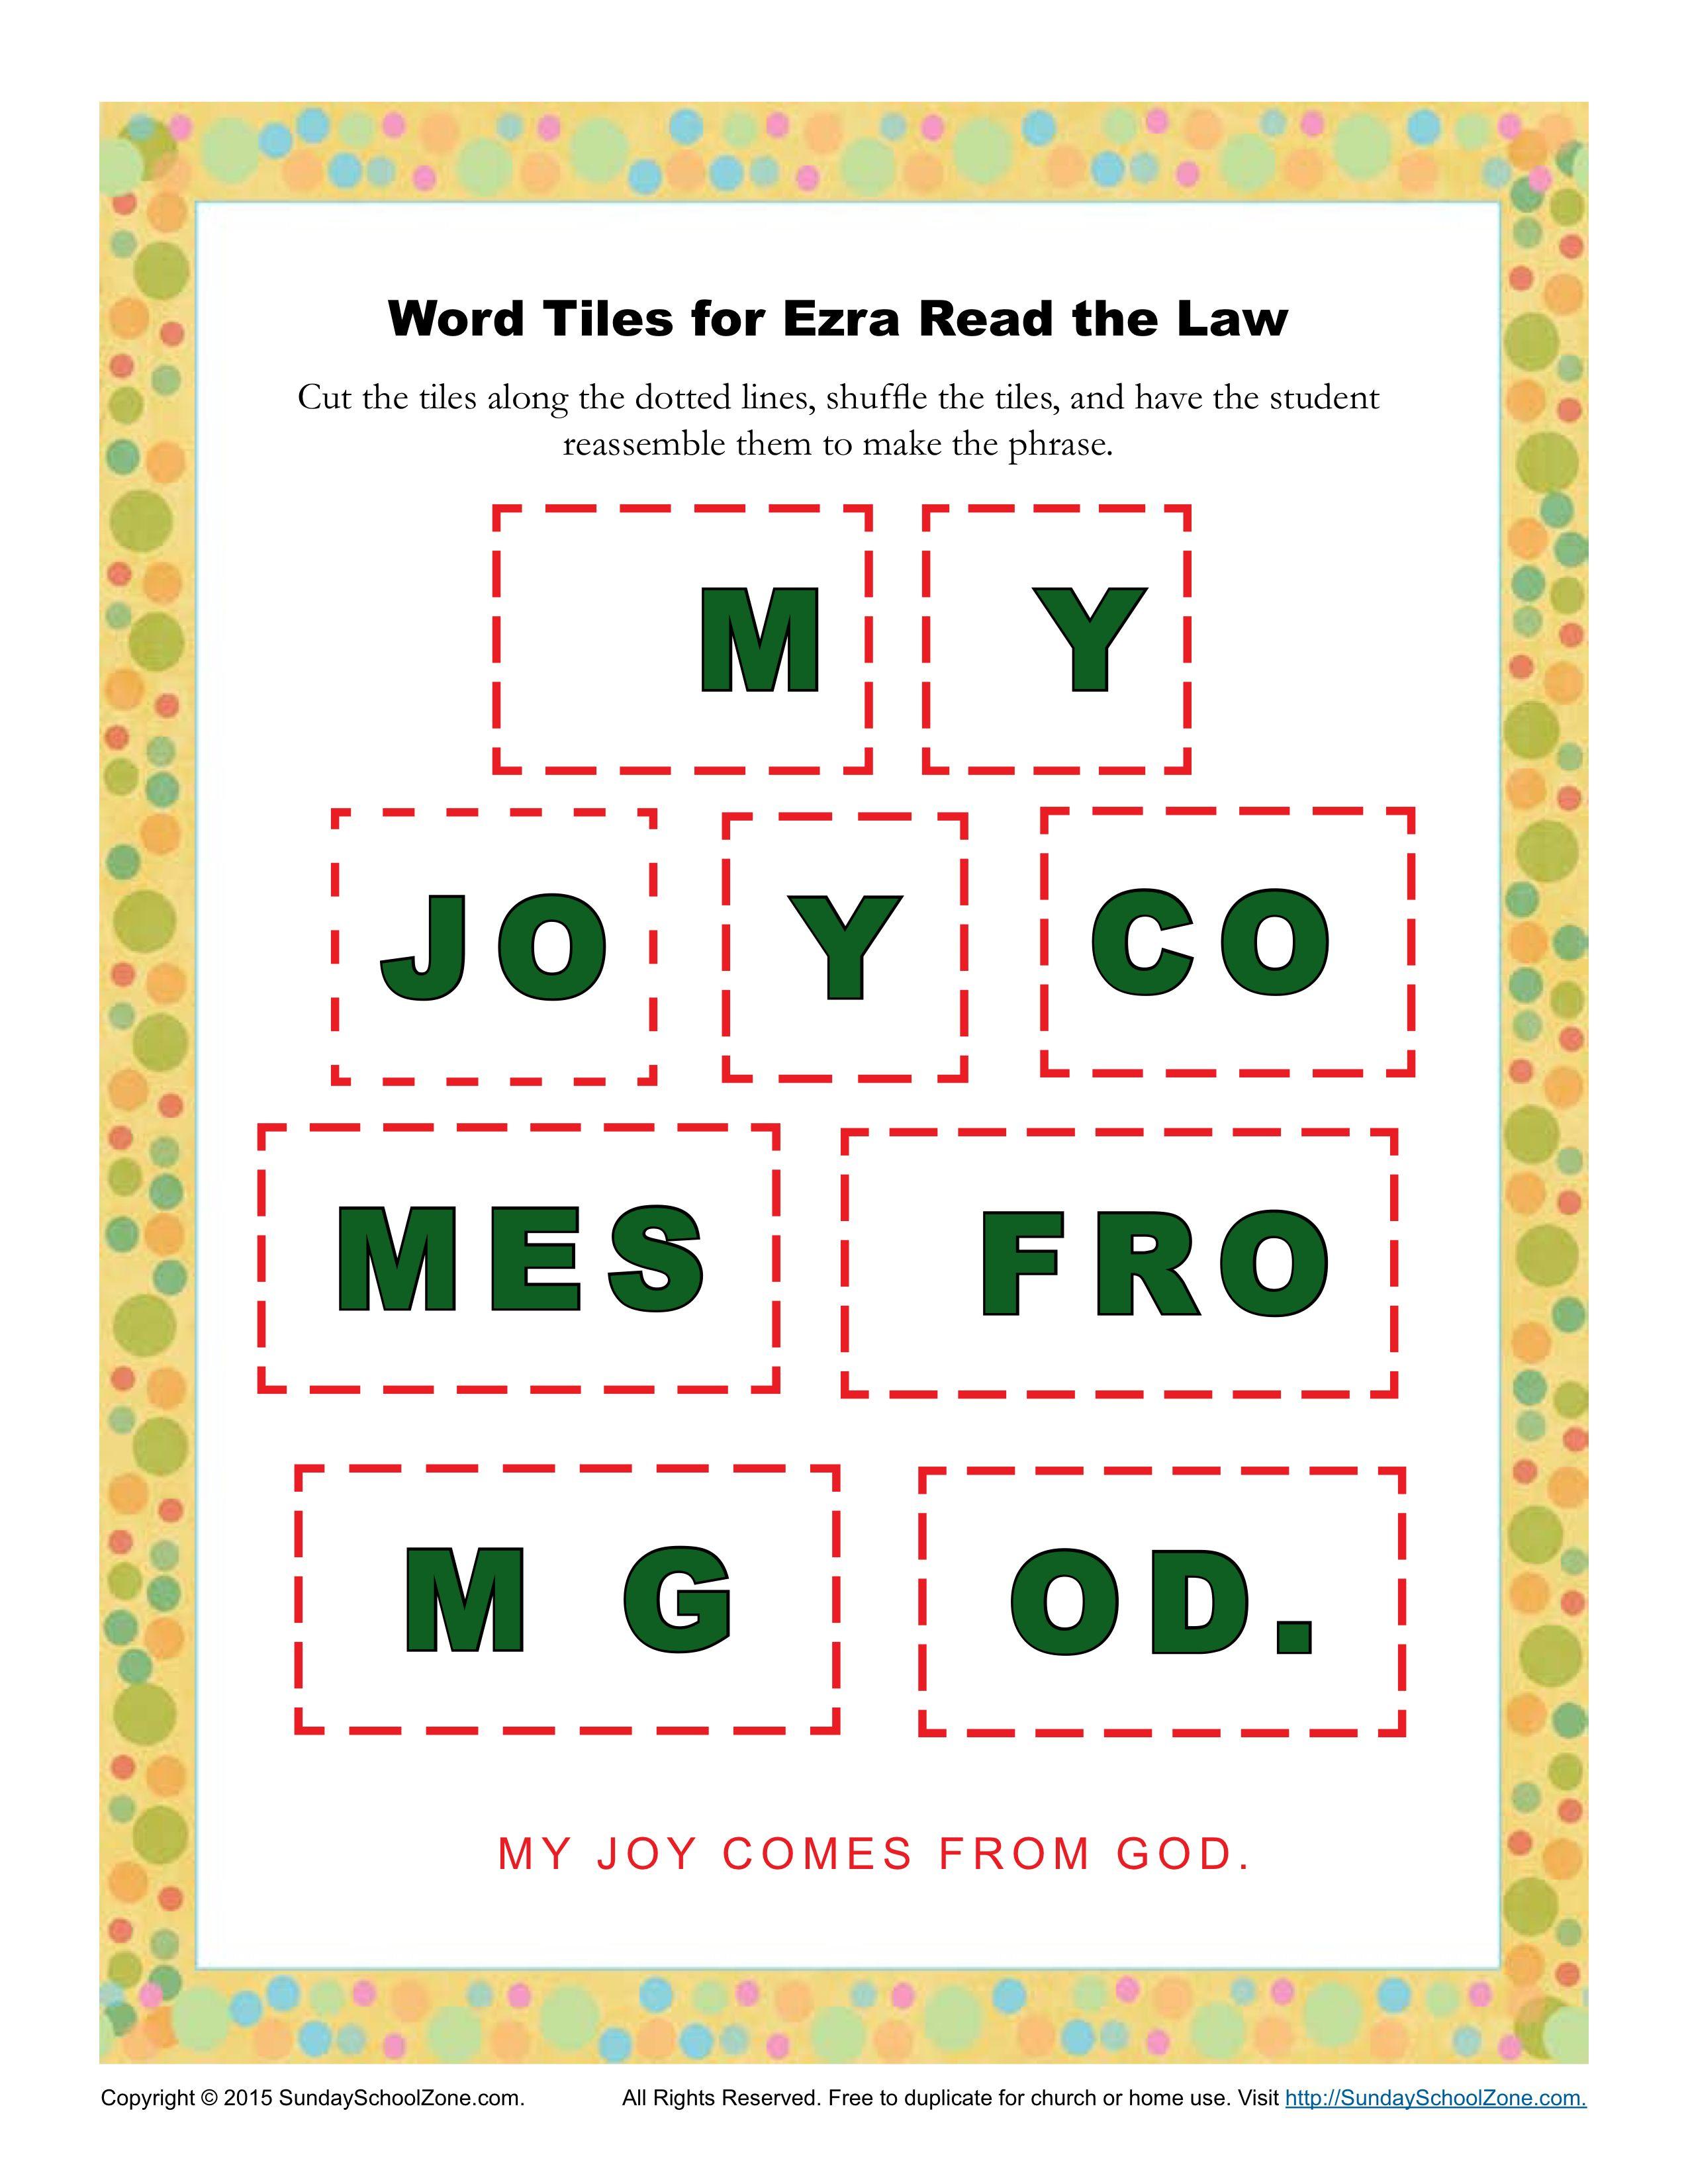 Ezra Read The Law Word Tiles Children S Bible Activities Sunday School Activities For Kids Bible Crafts For Kids Bible Lessons For Kids Bible Worksheets [ 3300 x 2550 Pixel ]